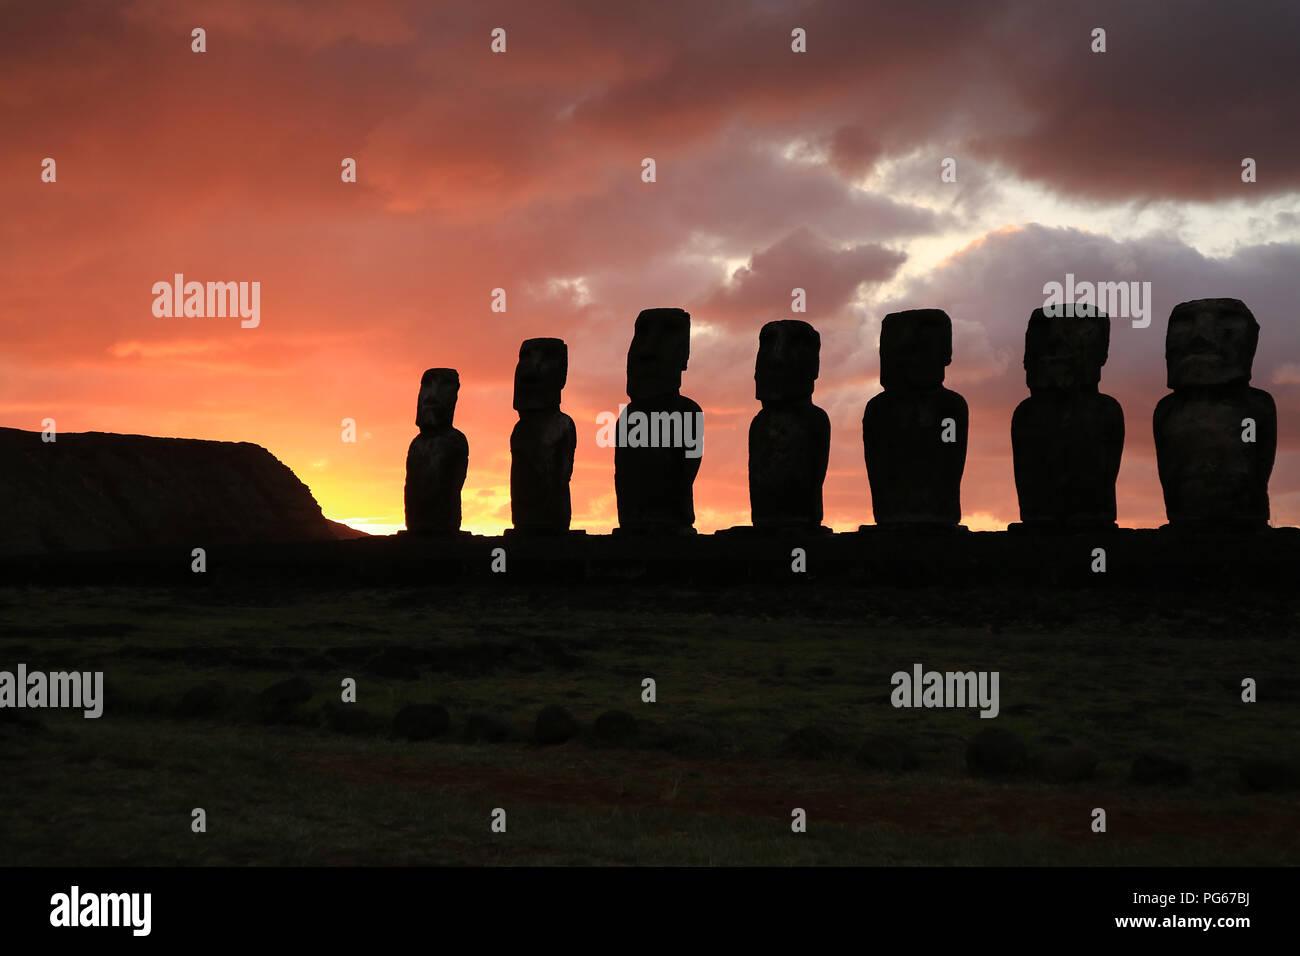 Silhouette von riesigen Moai Statuen von Ahu Tongariki gegen den wunderschönen Sonnenaufgang bewölkter Himmel, archäologischen Stätte in der Osterinsel, Chile Stockbild